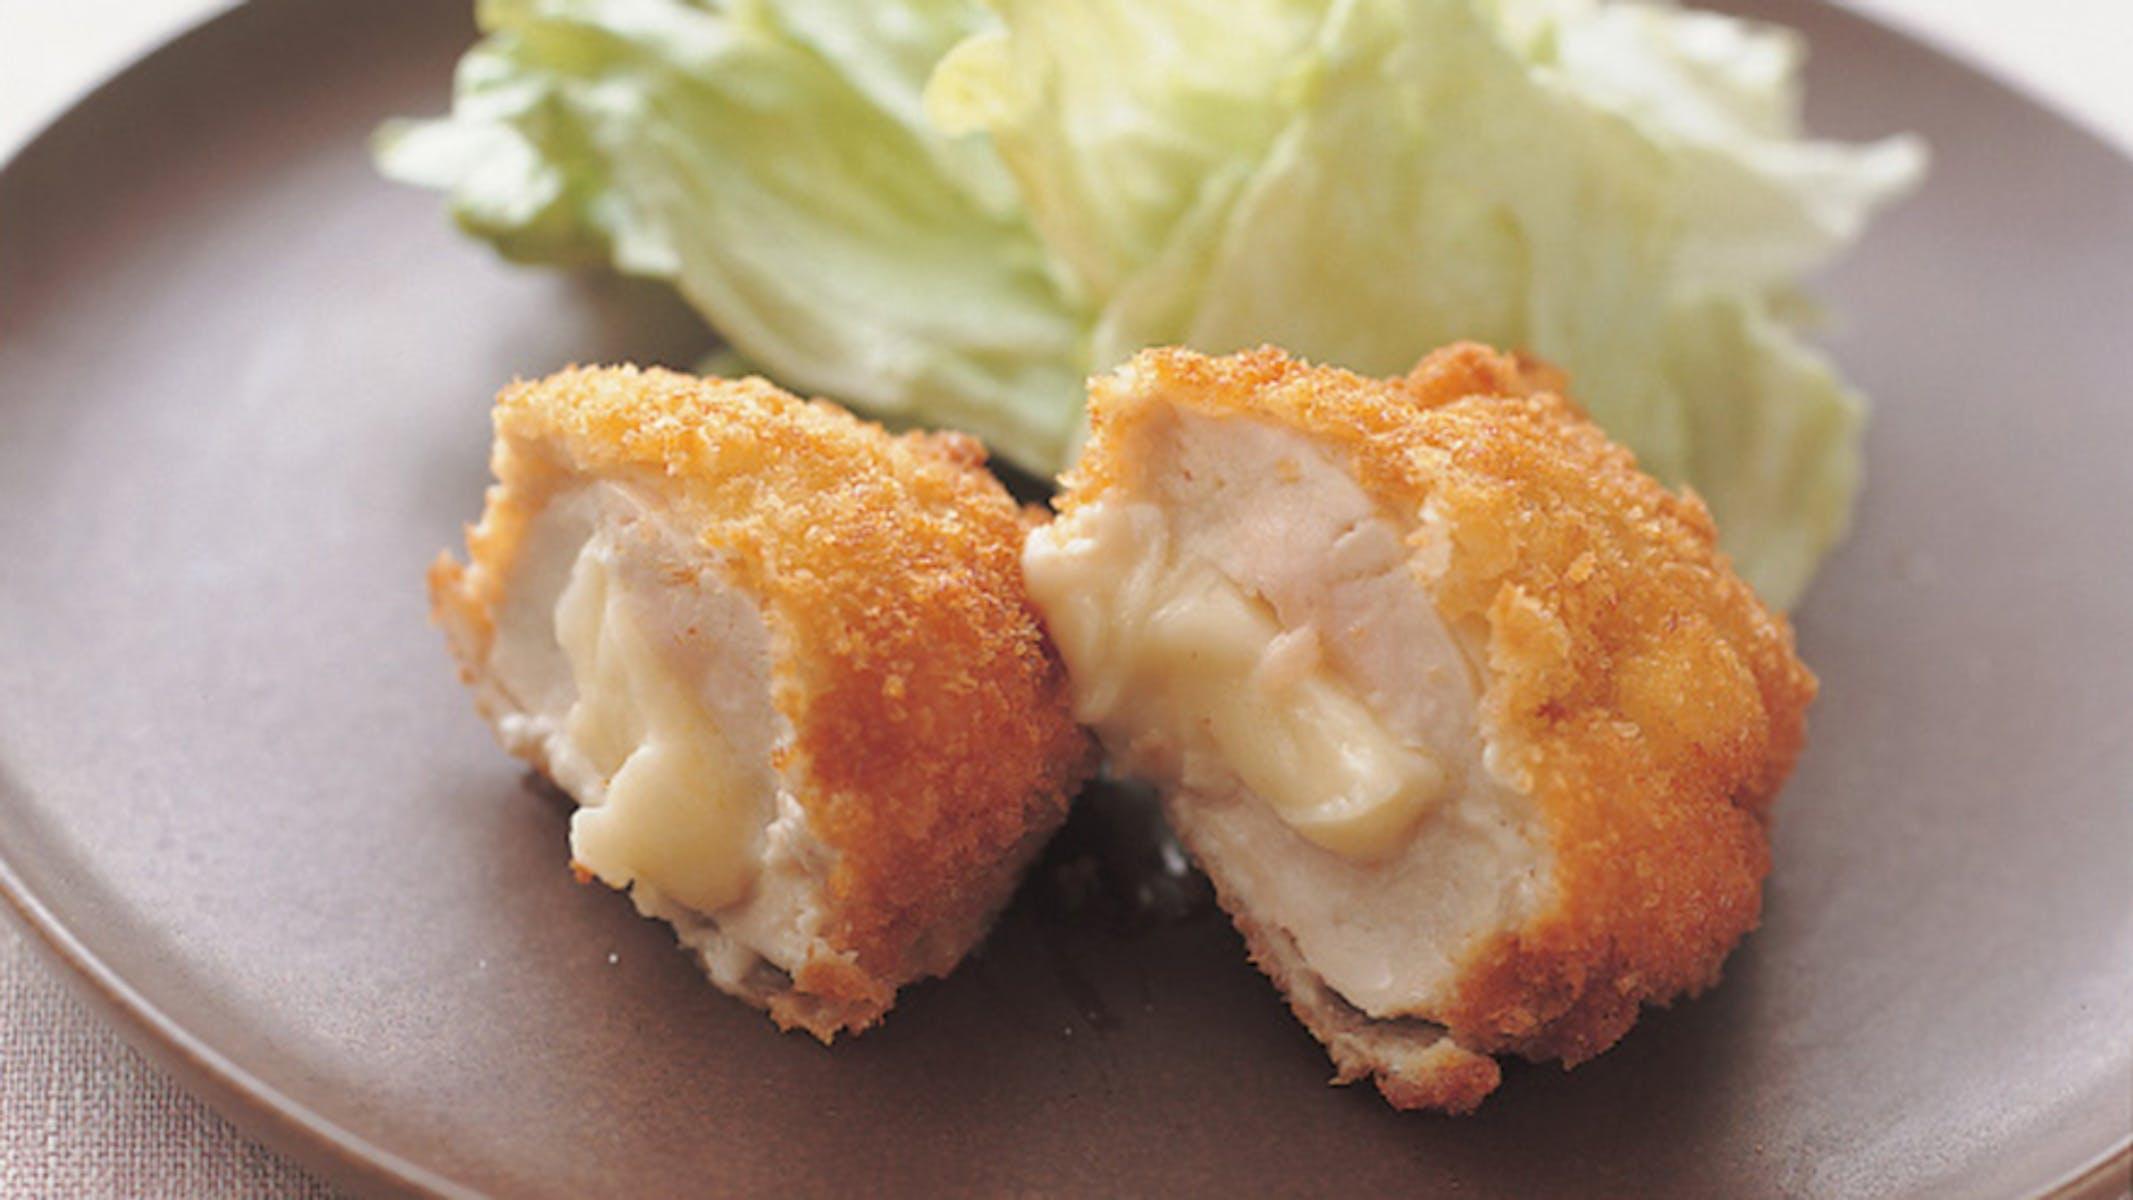 鶏むね肉のチーズサンドフライ